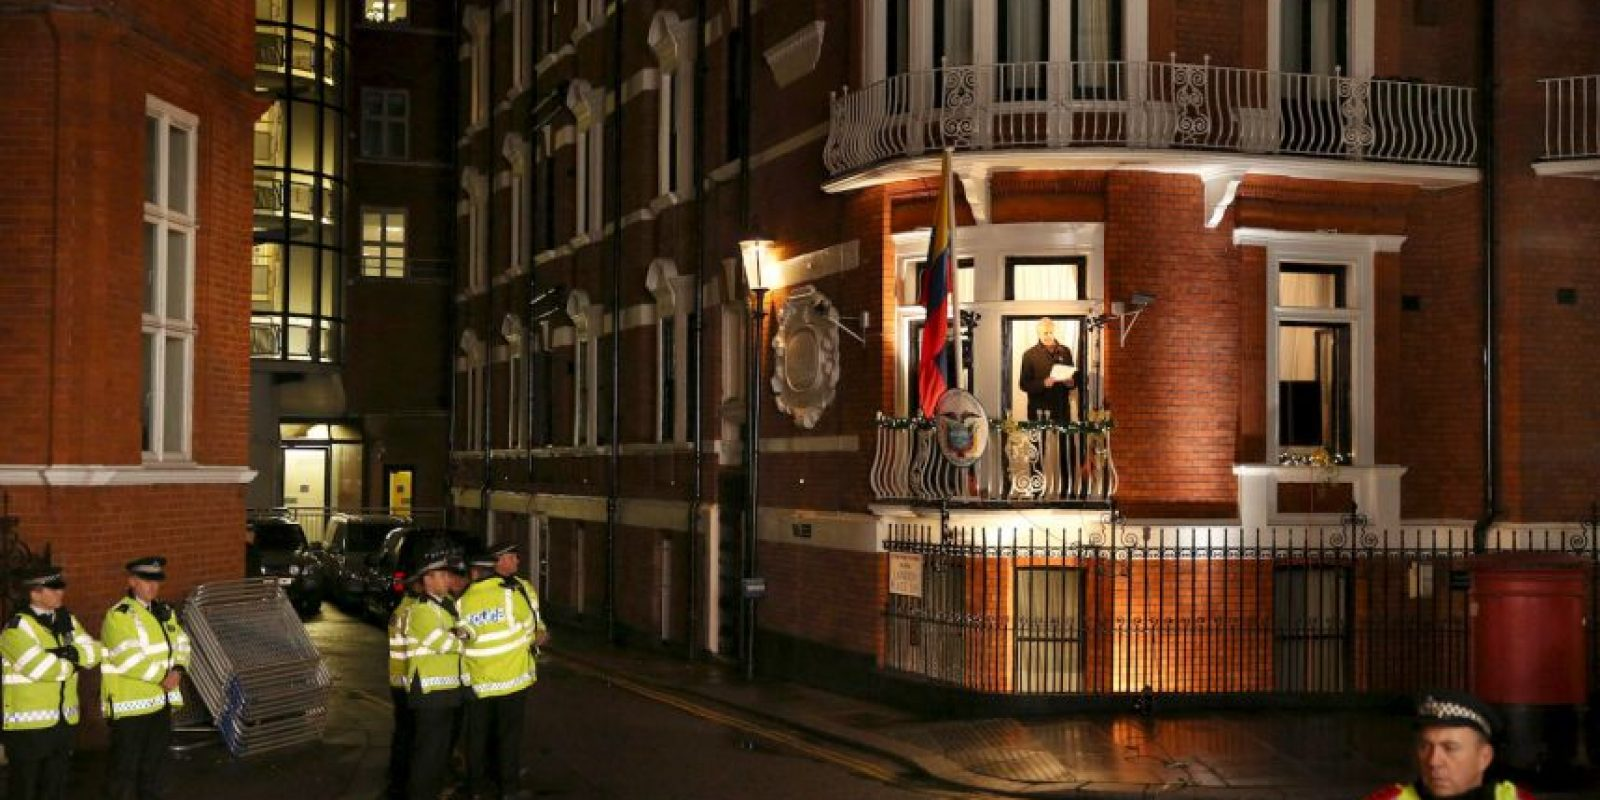 Julian Assange acusó a Stratfort de realizar espionaje a organizaciones civiles y de utilizar a informartes del gobierno estadounidense. Foto:Getty Images